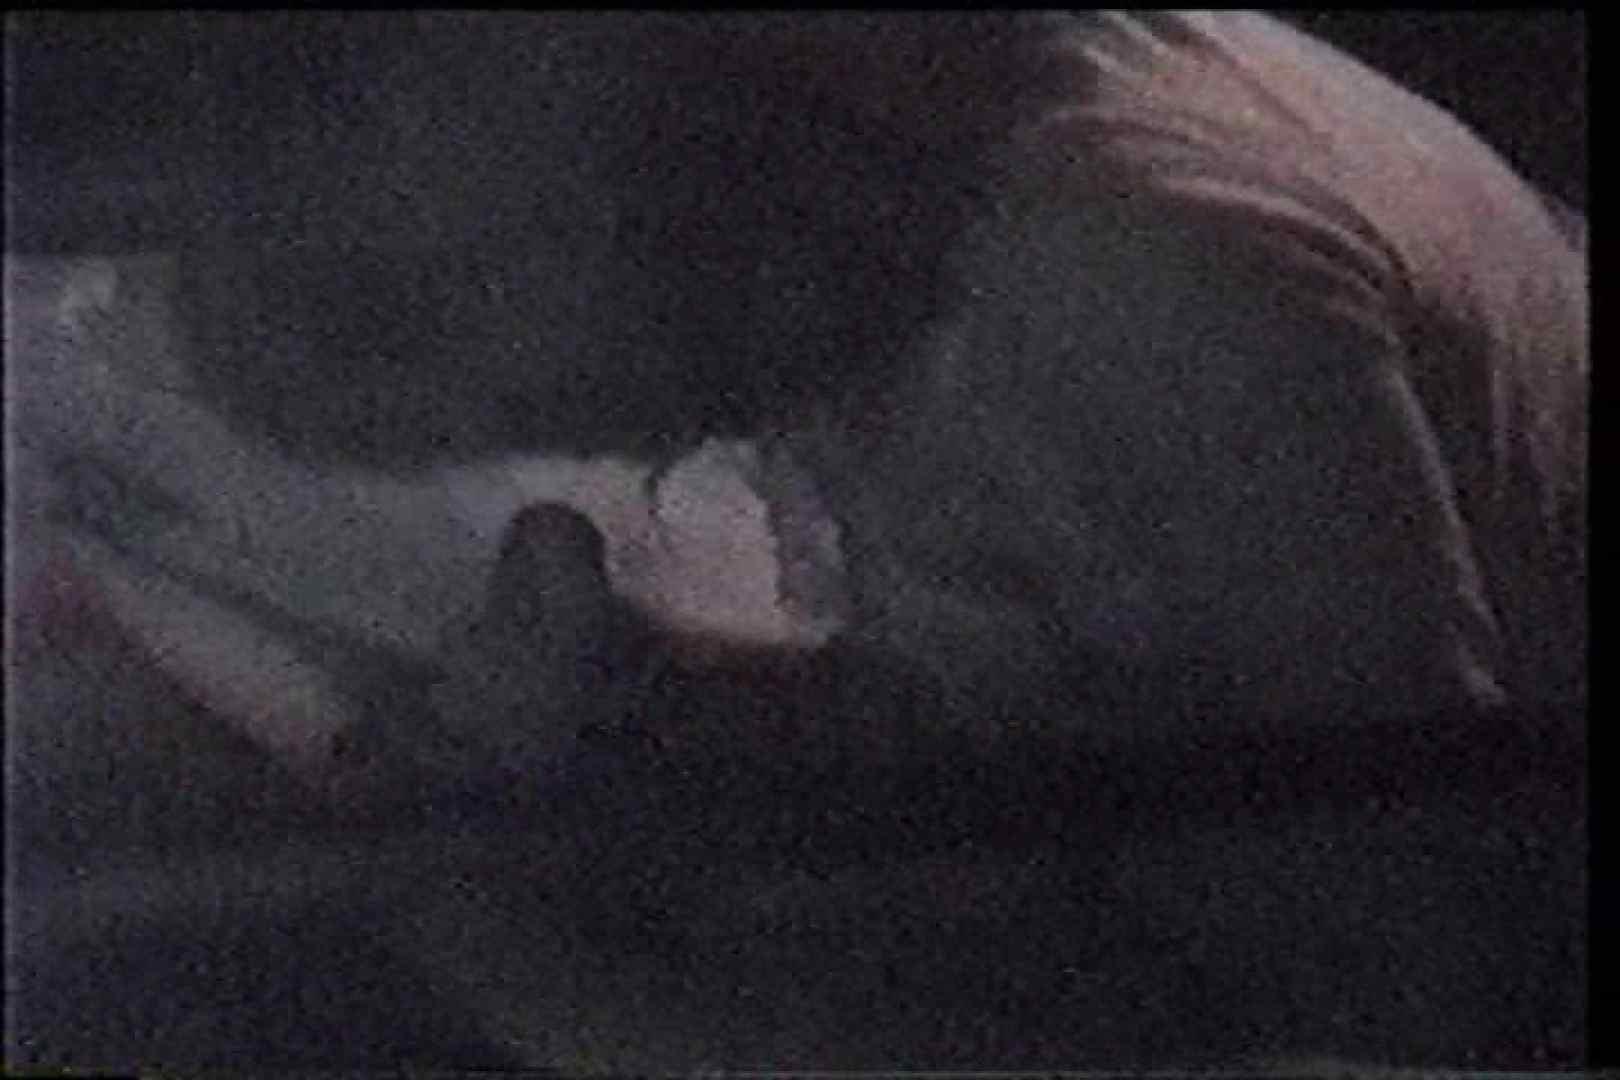 充血監督の深夜の運動会Vol.229 OLの実態  77pic 15